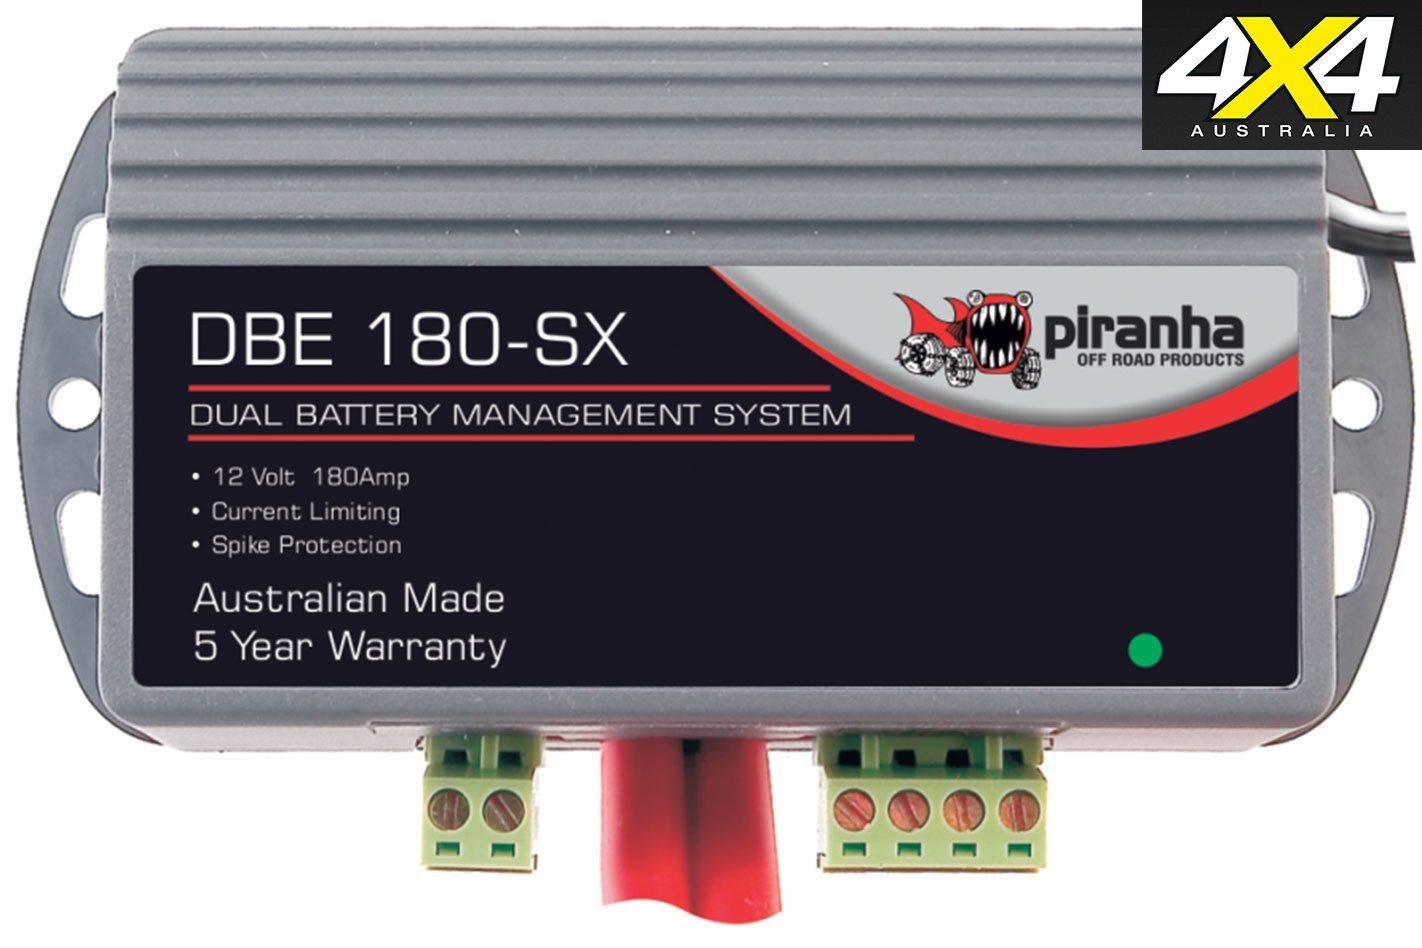 Piranha DBE 180-SX